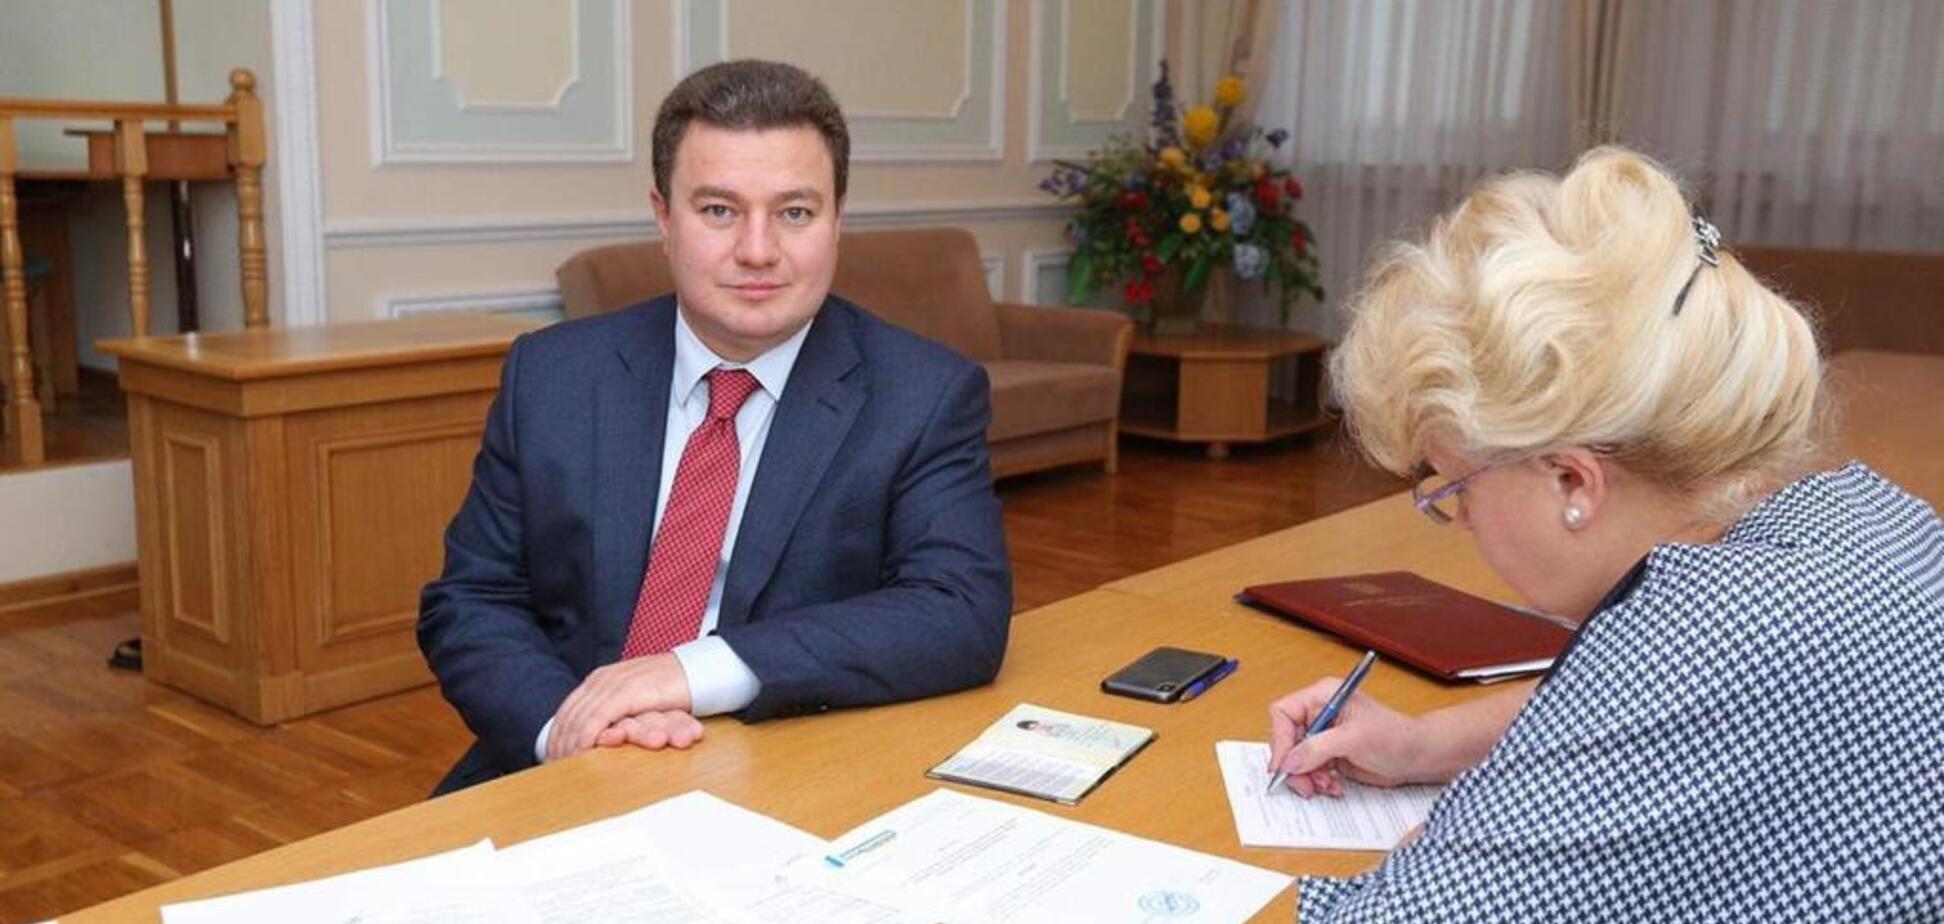 Бондарь подал документы в ЦИК для регистрации кандидатом в президенты